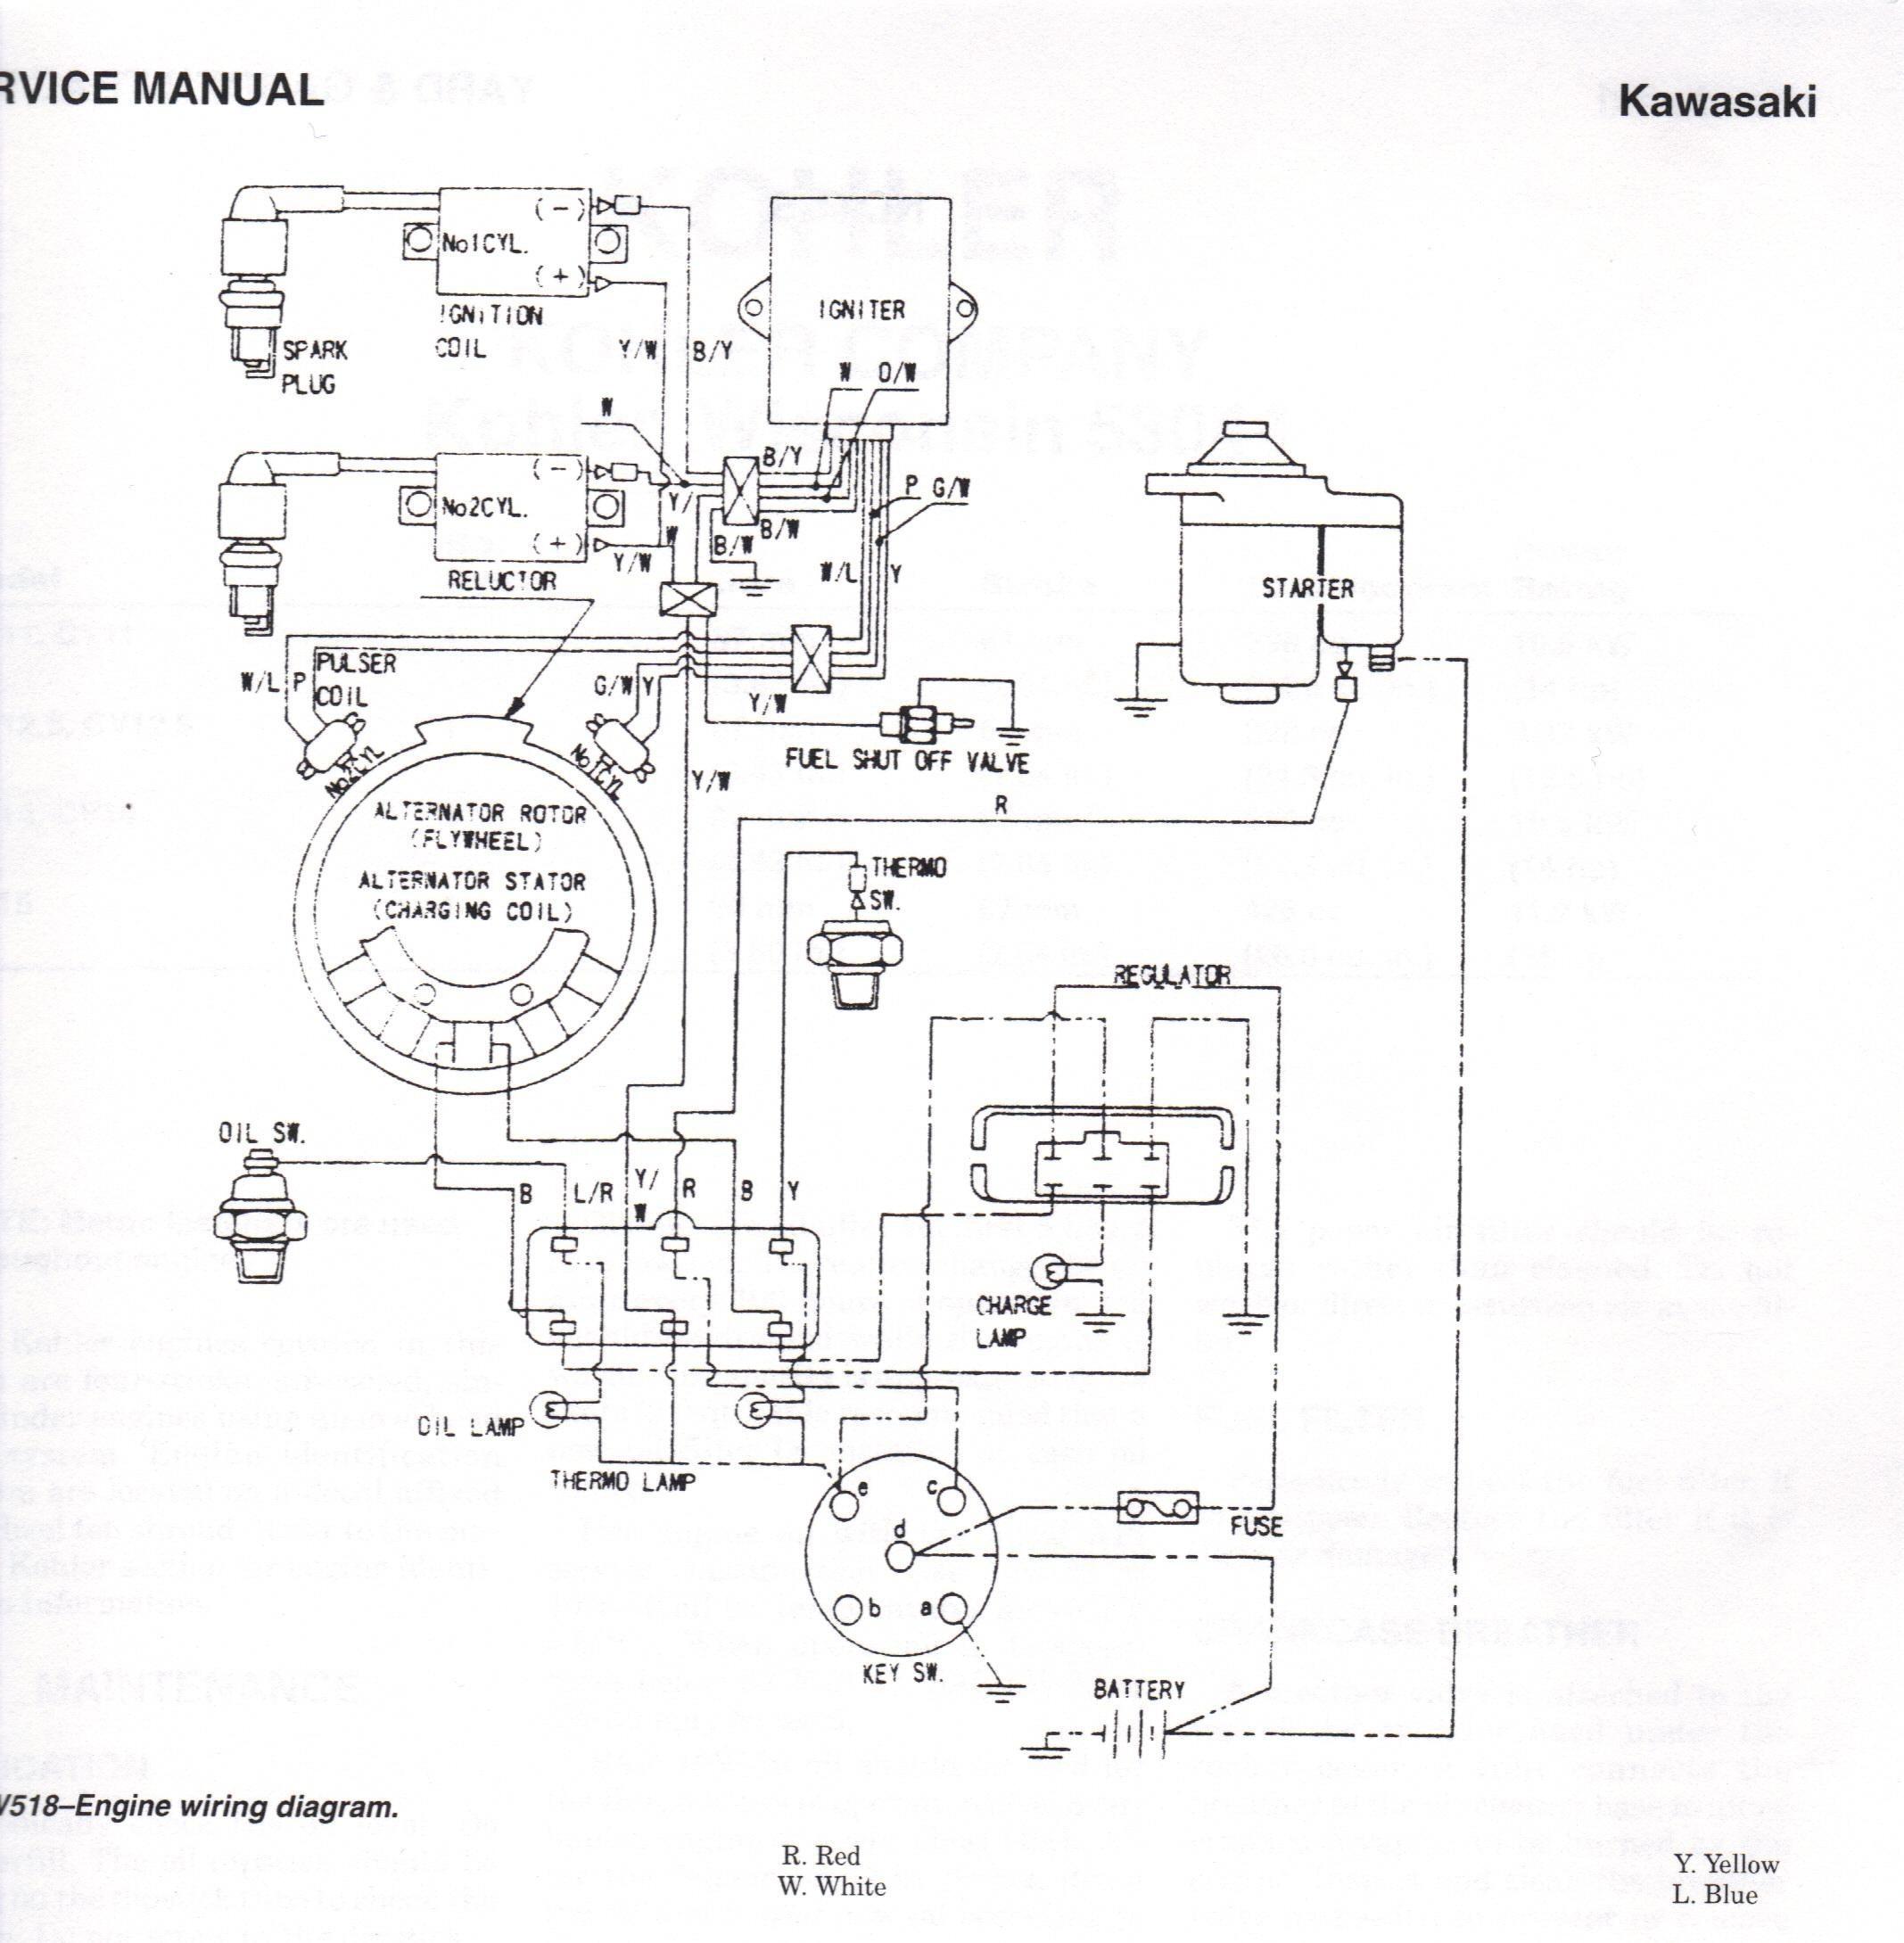 john deere gator starter wiring diagram library of wiring diagrams u2022 rh sv ti com John Deere Wiring Harness Diagram John Deere Gator Engine Diagram